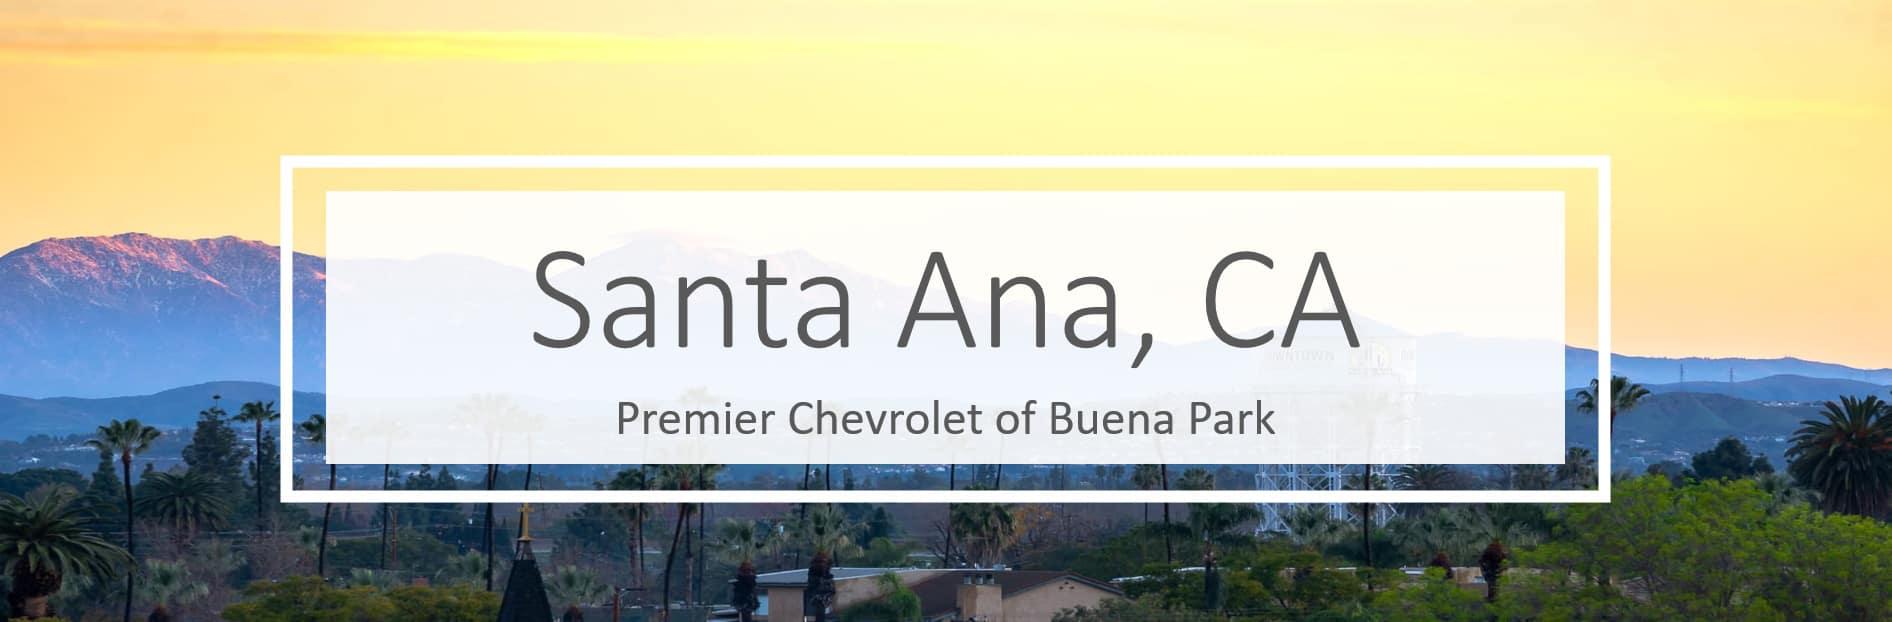 Chevy Dealer in Santa Ana